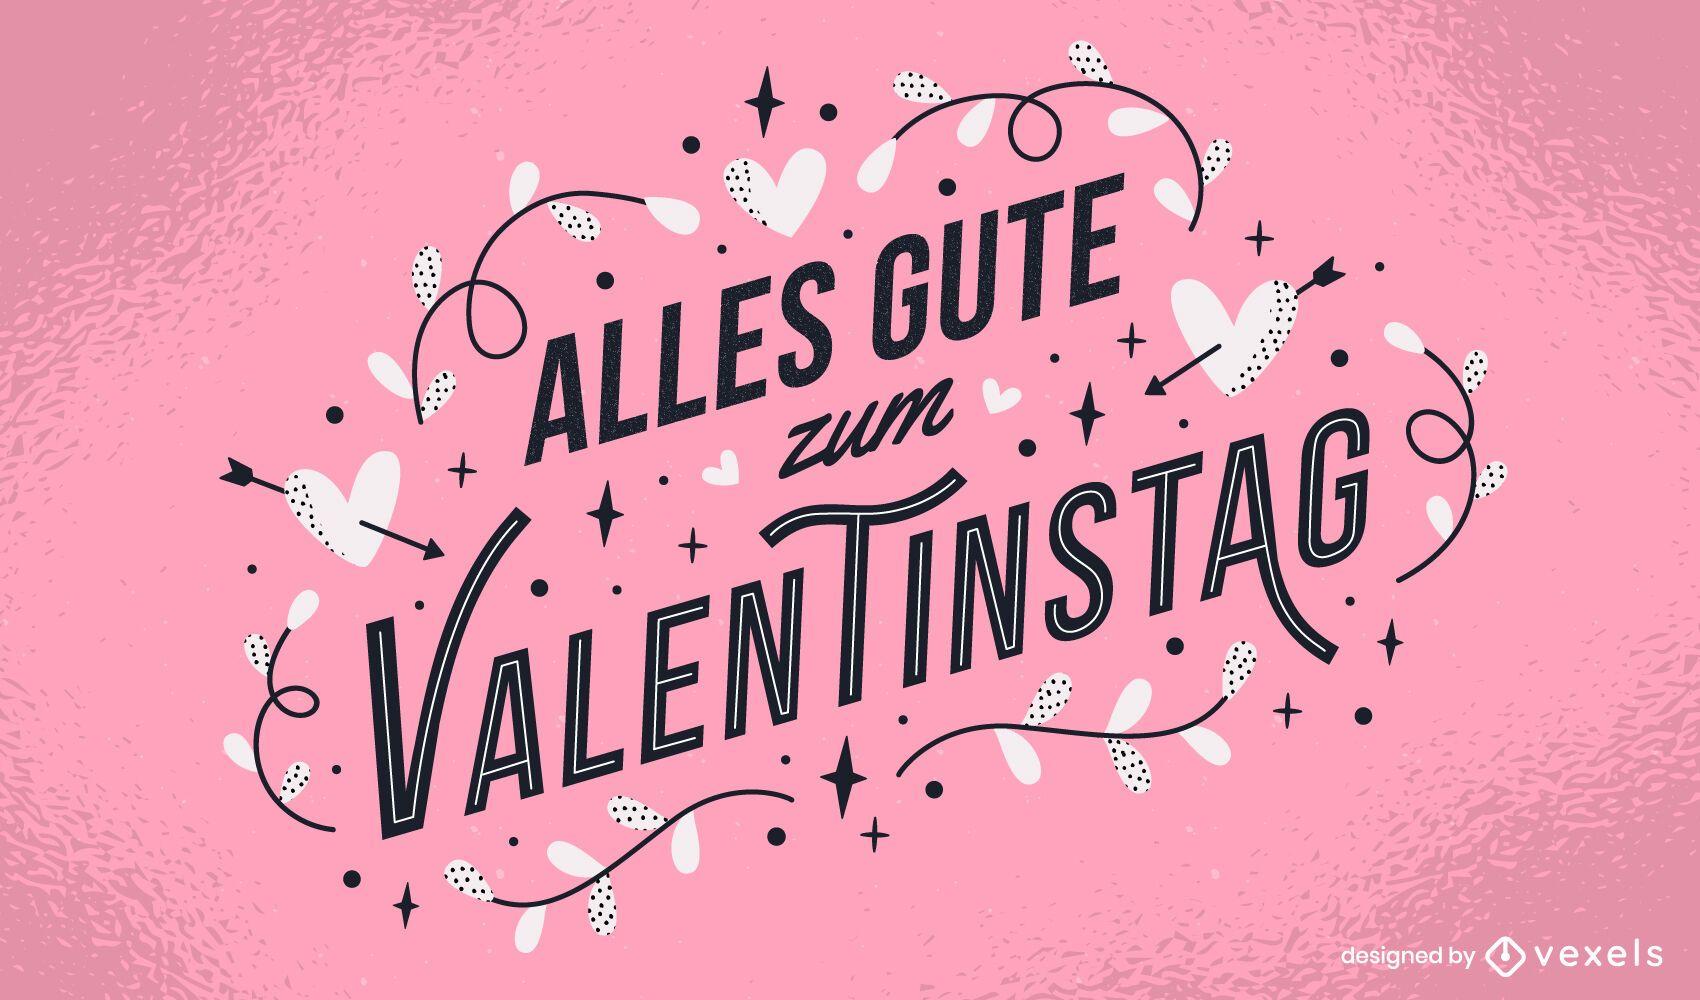 Valentinstag german lettering design